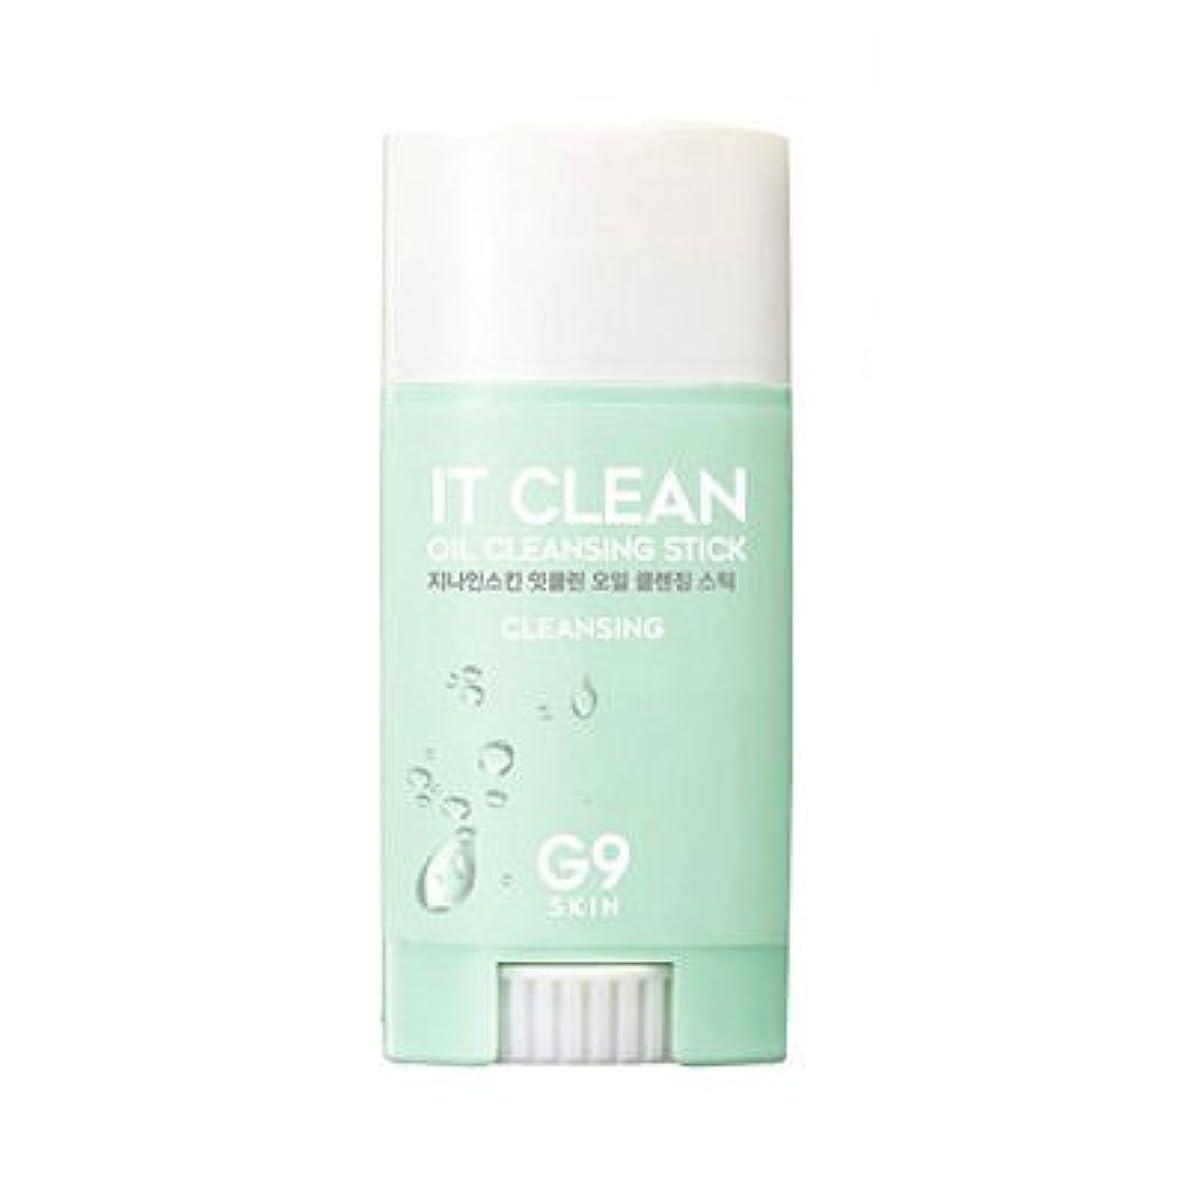 忌み嫌うレーダー伸ばすG9SKIN(ベリサム) It Clean Oil Cleansing Stick イットクリーンオイルクレンジングスティック